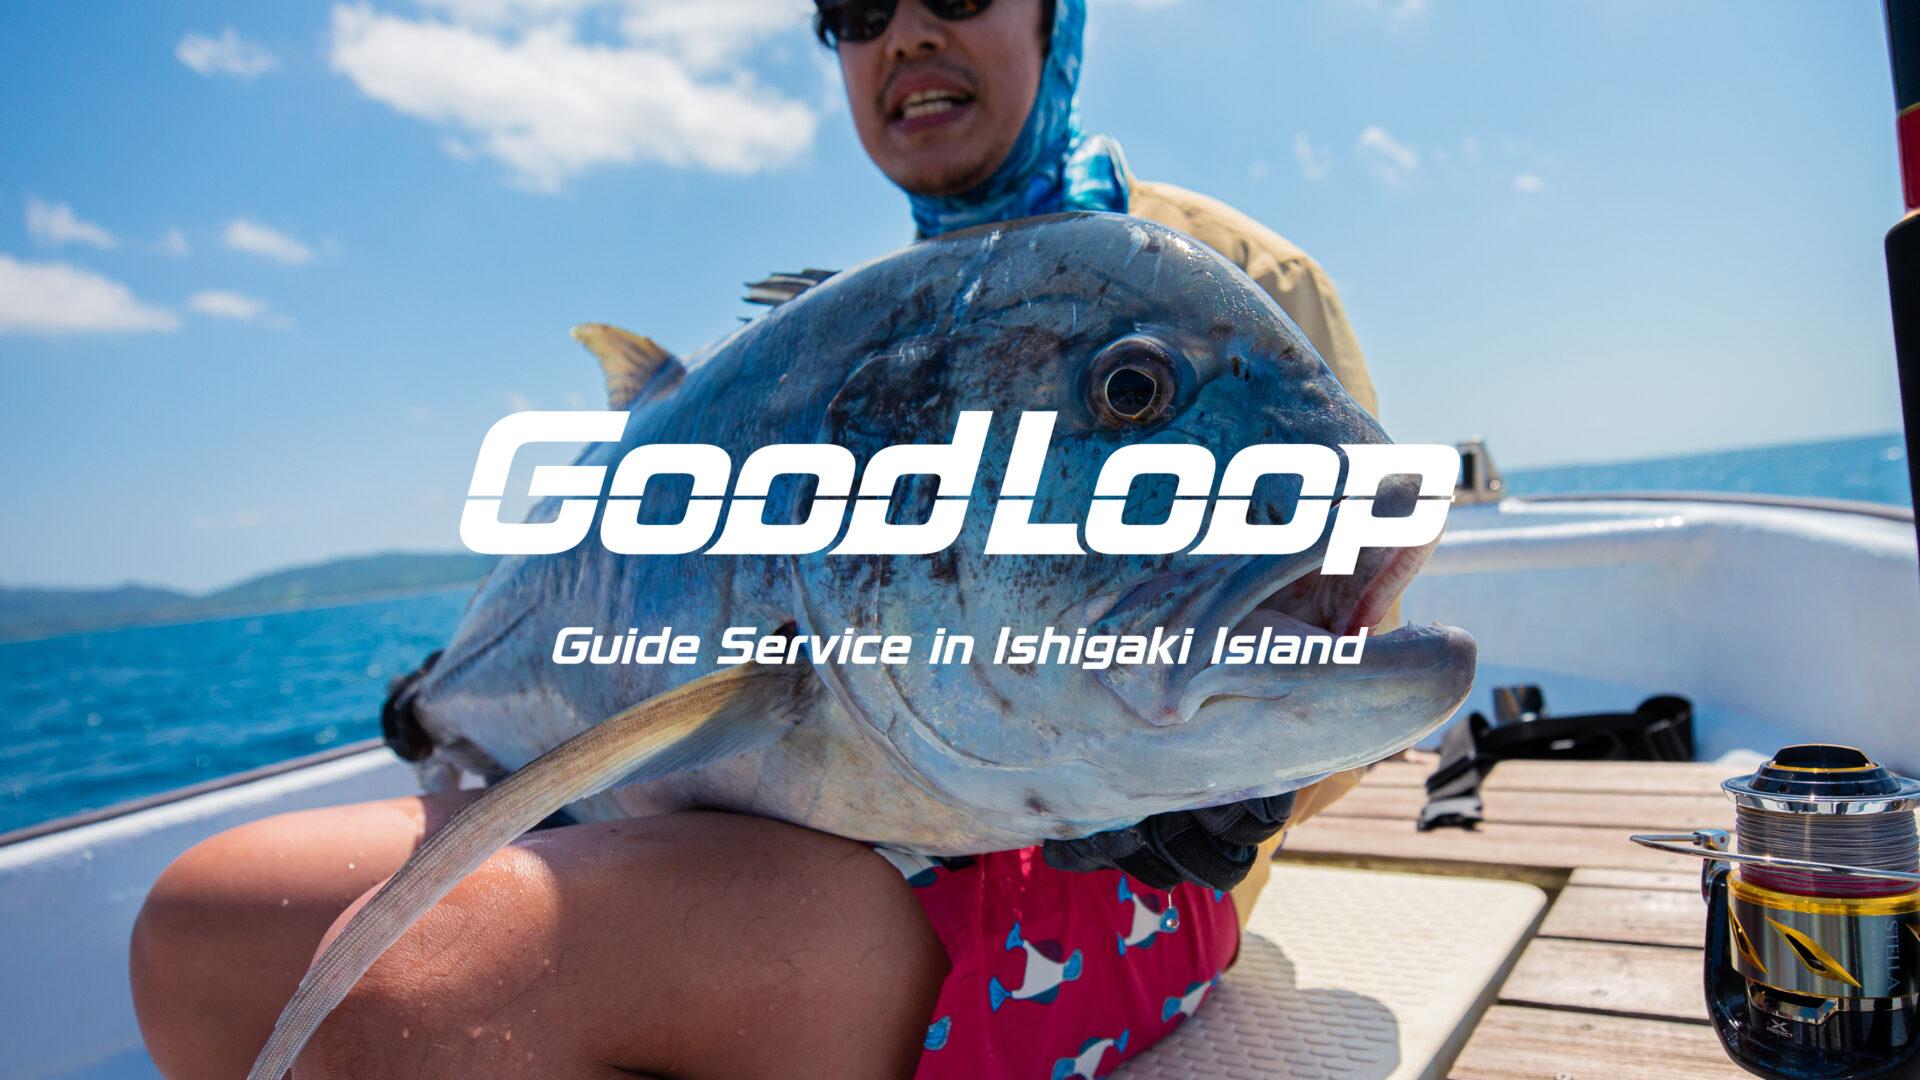 Goodloop Ishigaki